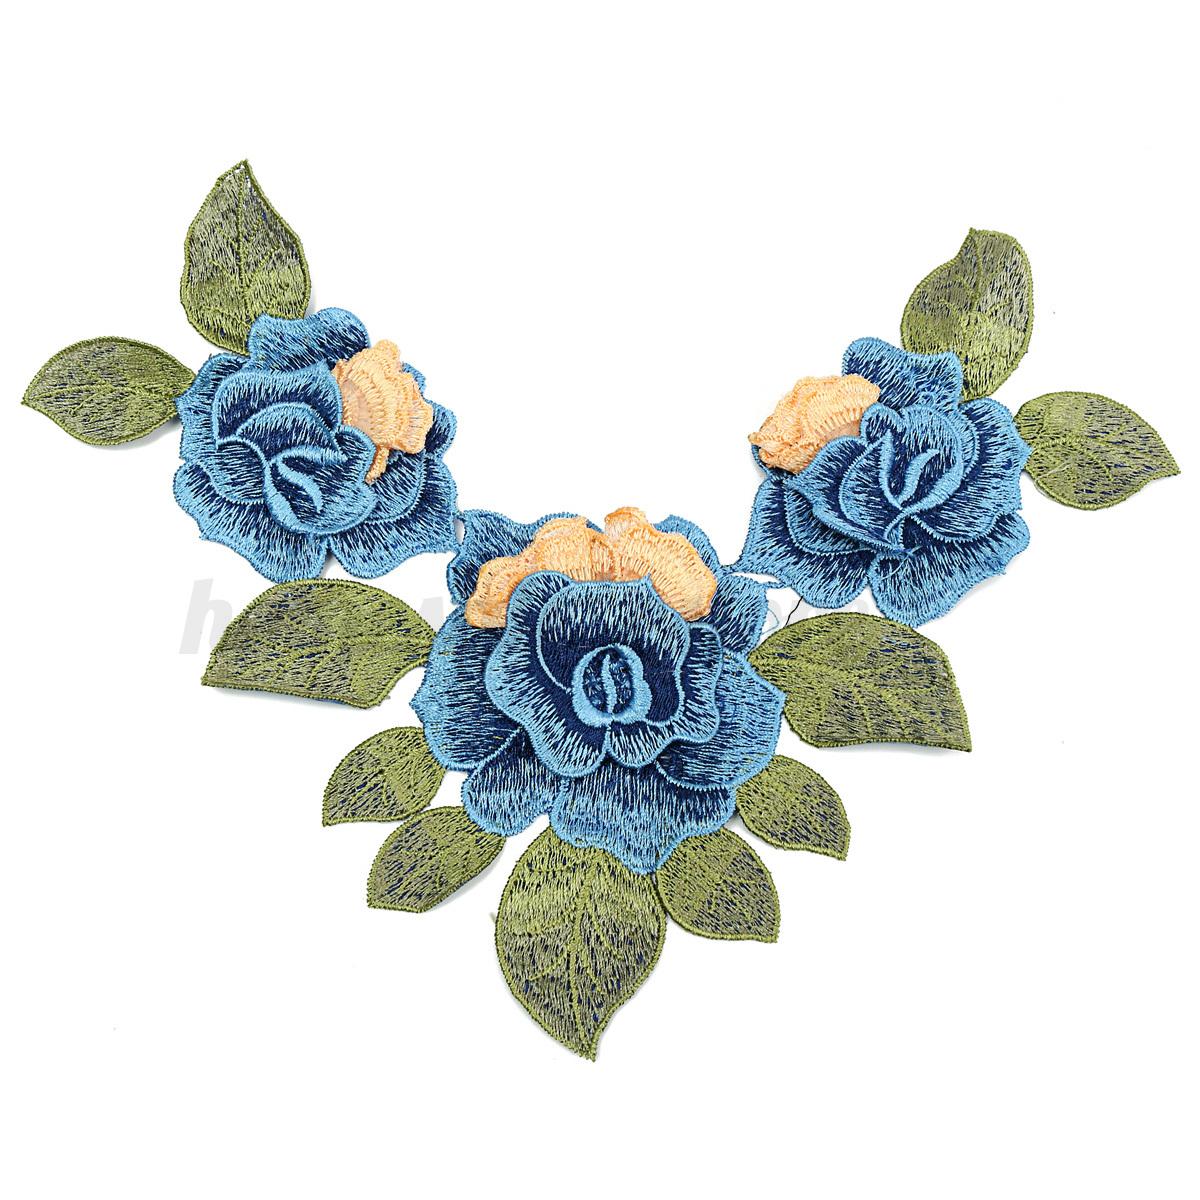 Vintage lace embroidered floral neckline neck collar trim for Applique vintage